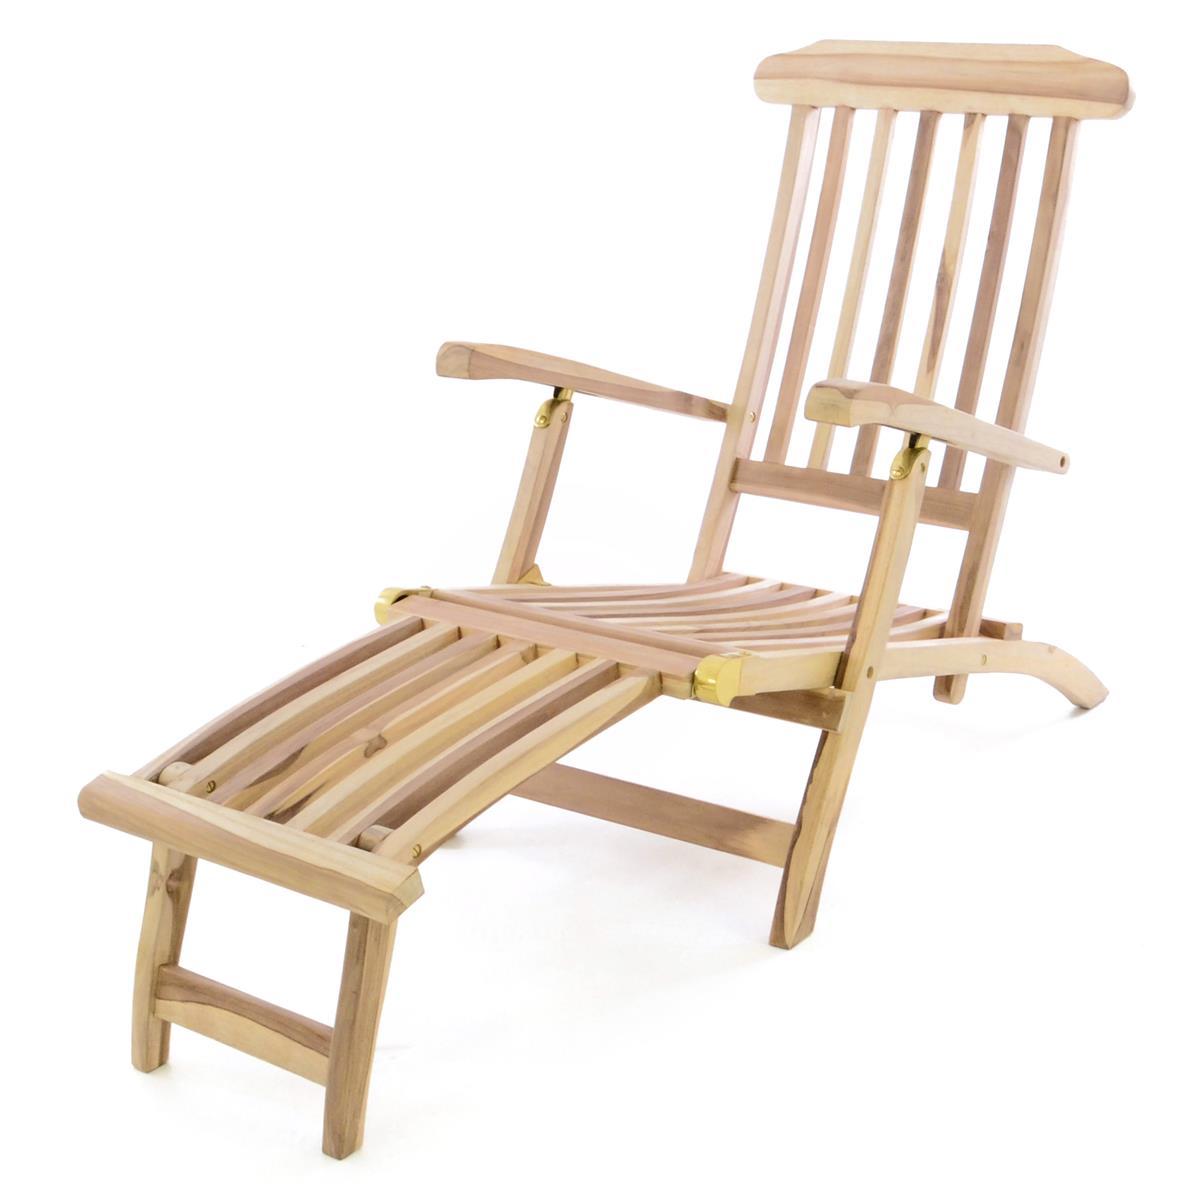 Full Size of Liegestuhl Holz Divero Deckchair Florentine Futeil Abnehmbar Teak Esstisch Schlafzimmer Komplett Massivholz Bad Unterschrank Bett Garten Holzhaus Kind Alu Wohnzimmer Liegestuhl Holz